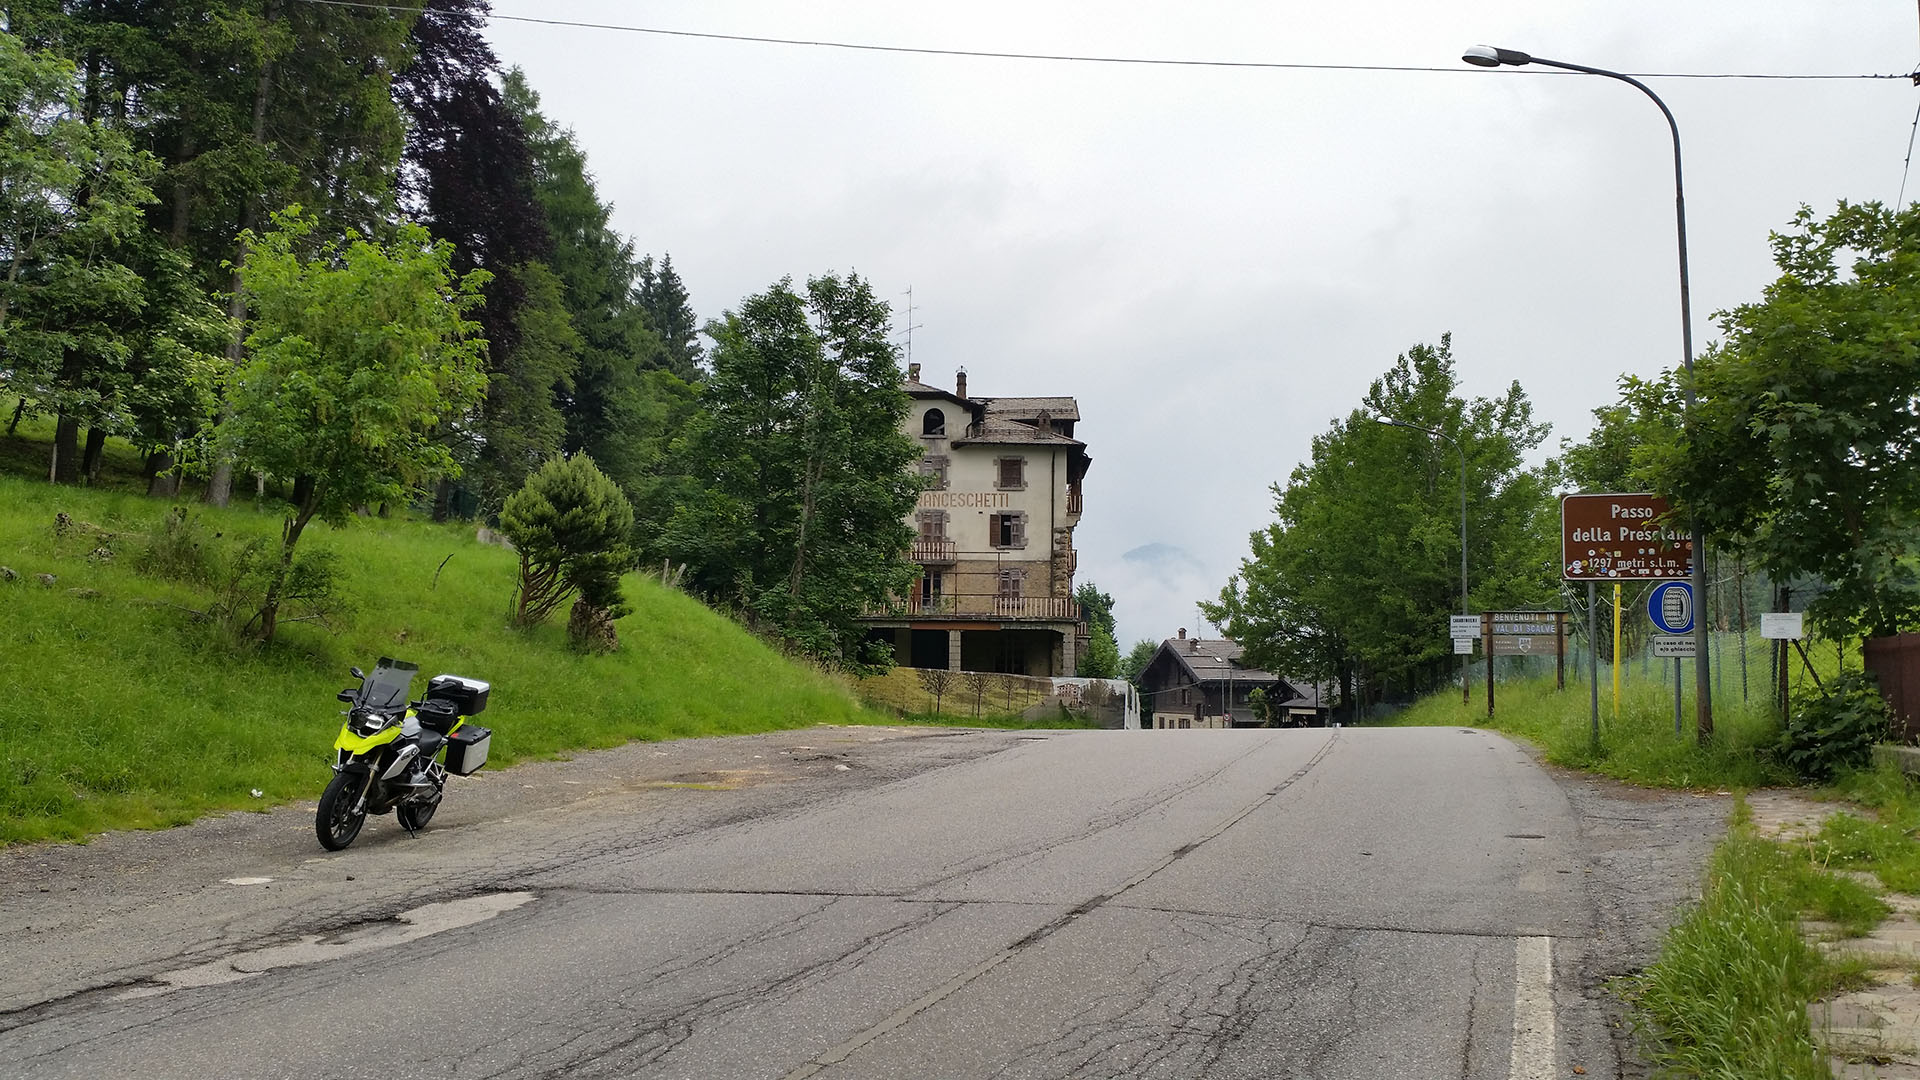 1297 - I - Passo della Presolana